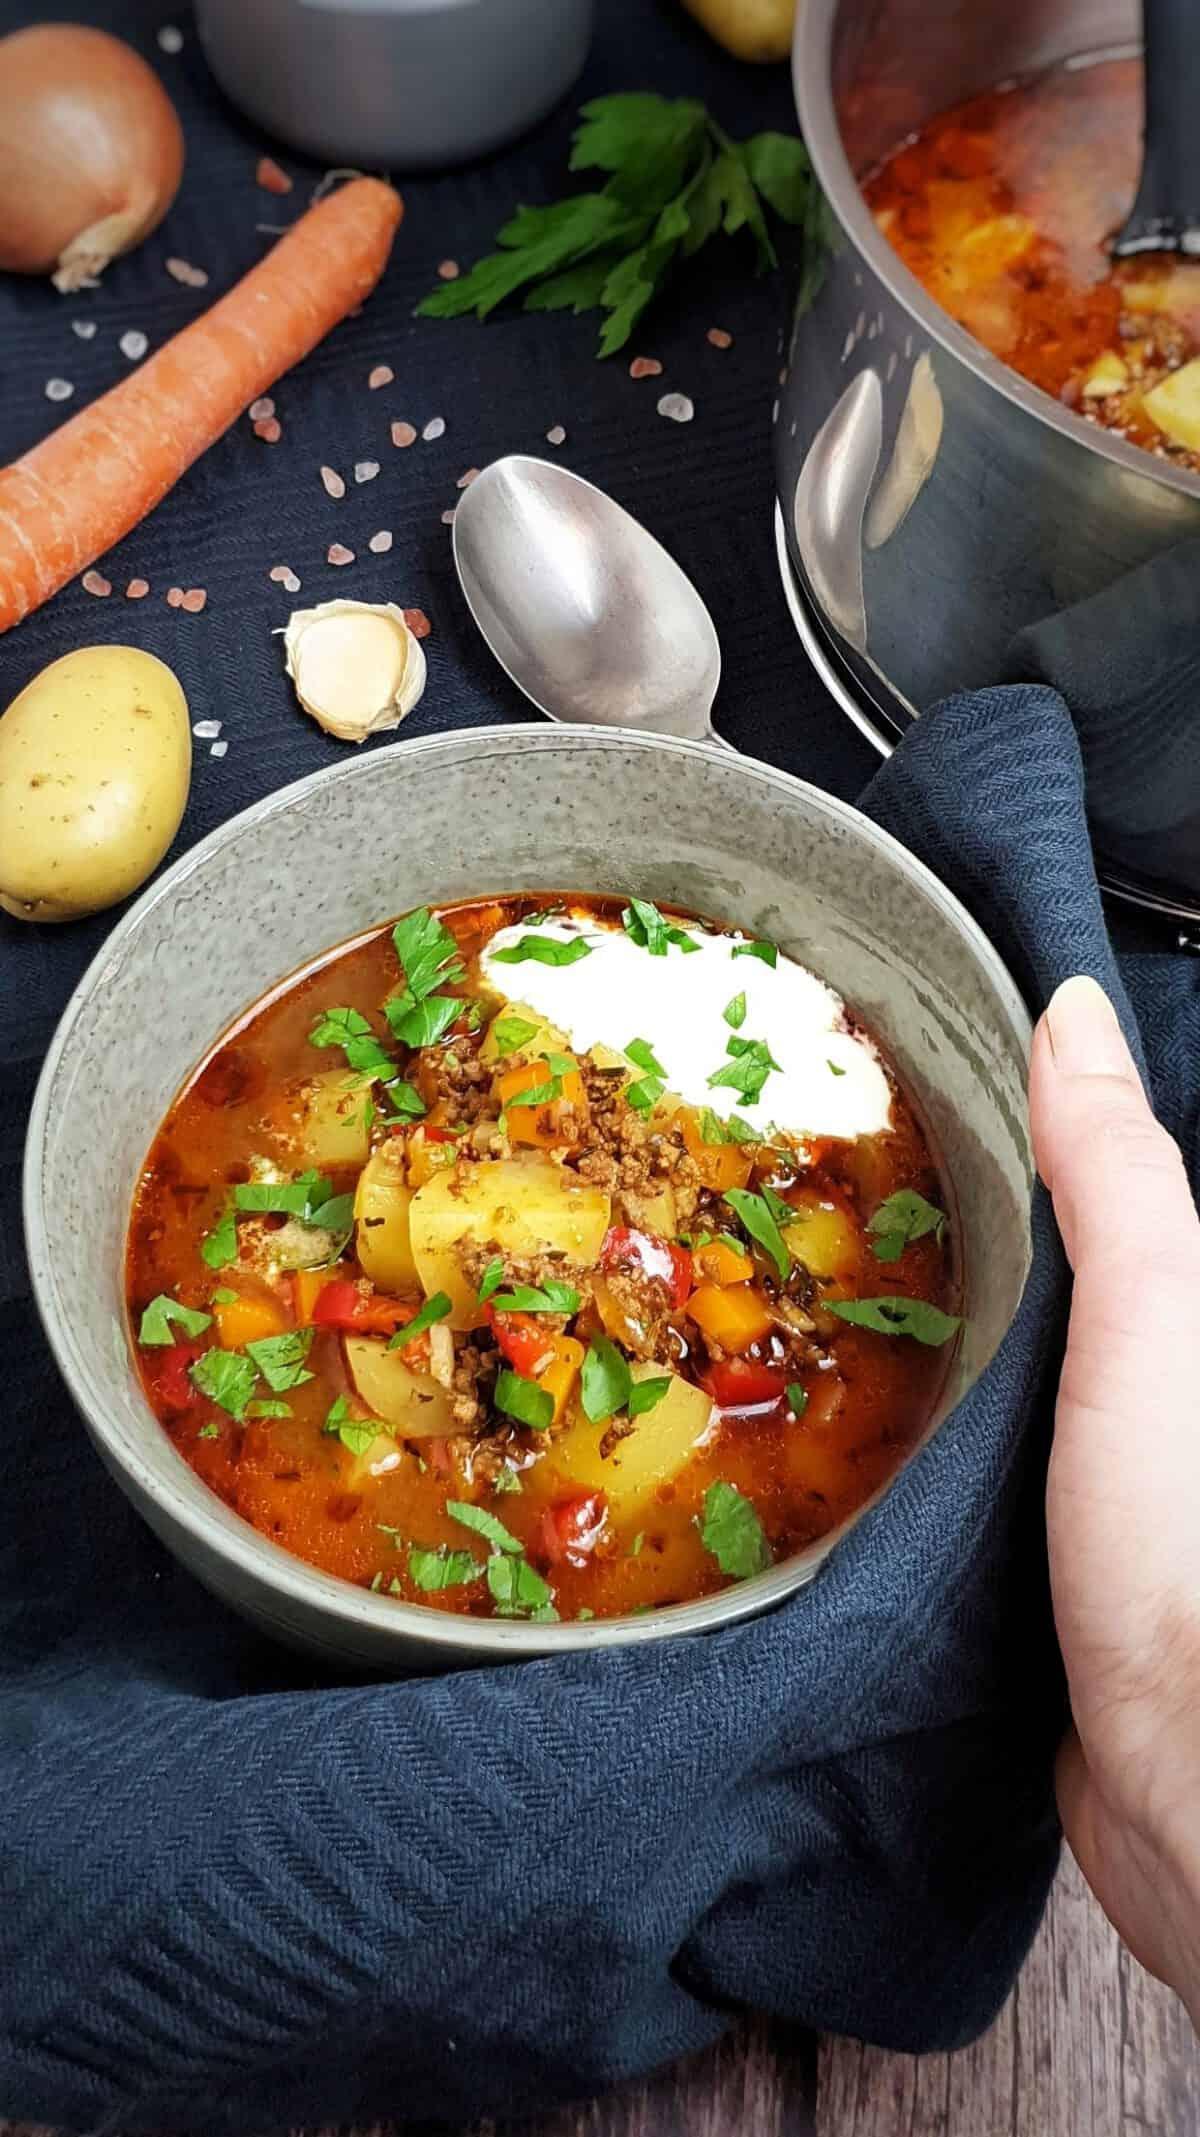 In einer grauen Schale angerichtet Bauerntopf mit Rinderhackfleisch und Gemüse serviert mit einem Klecks Crème fraîche.